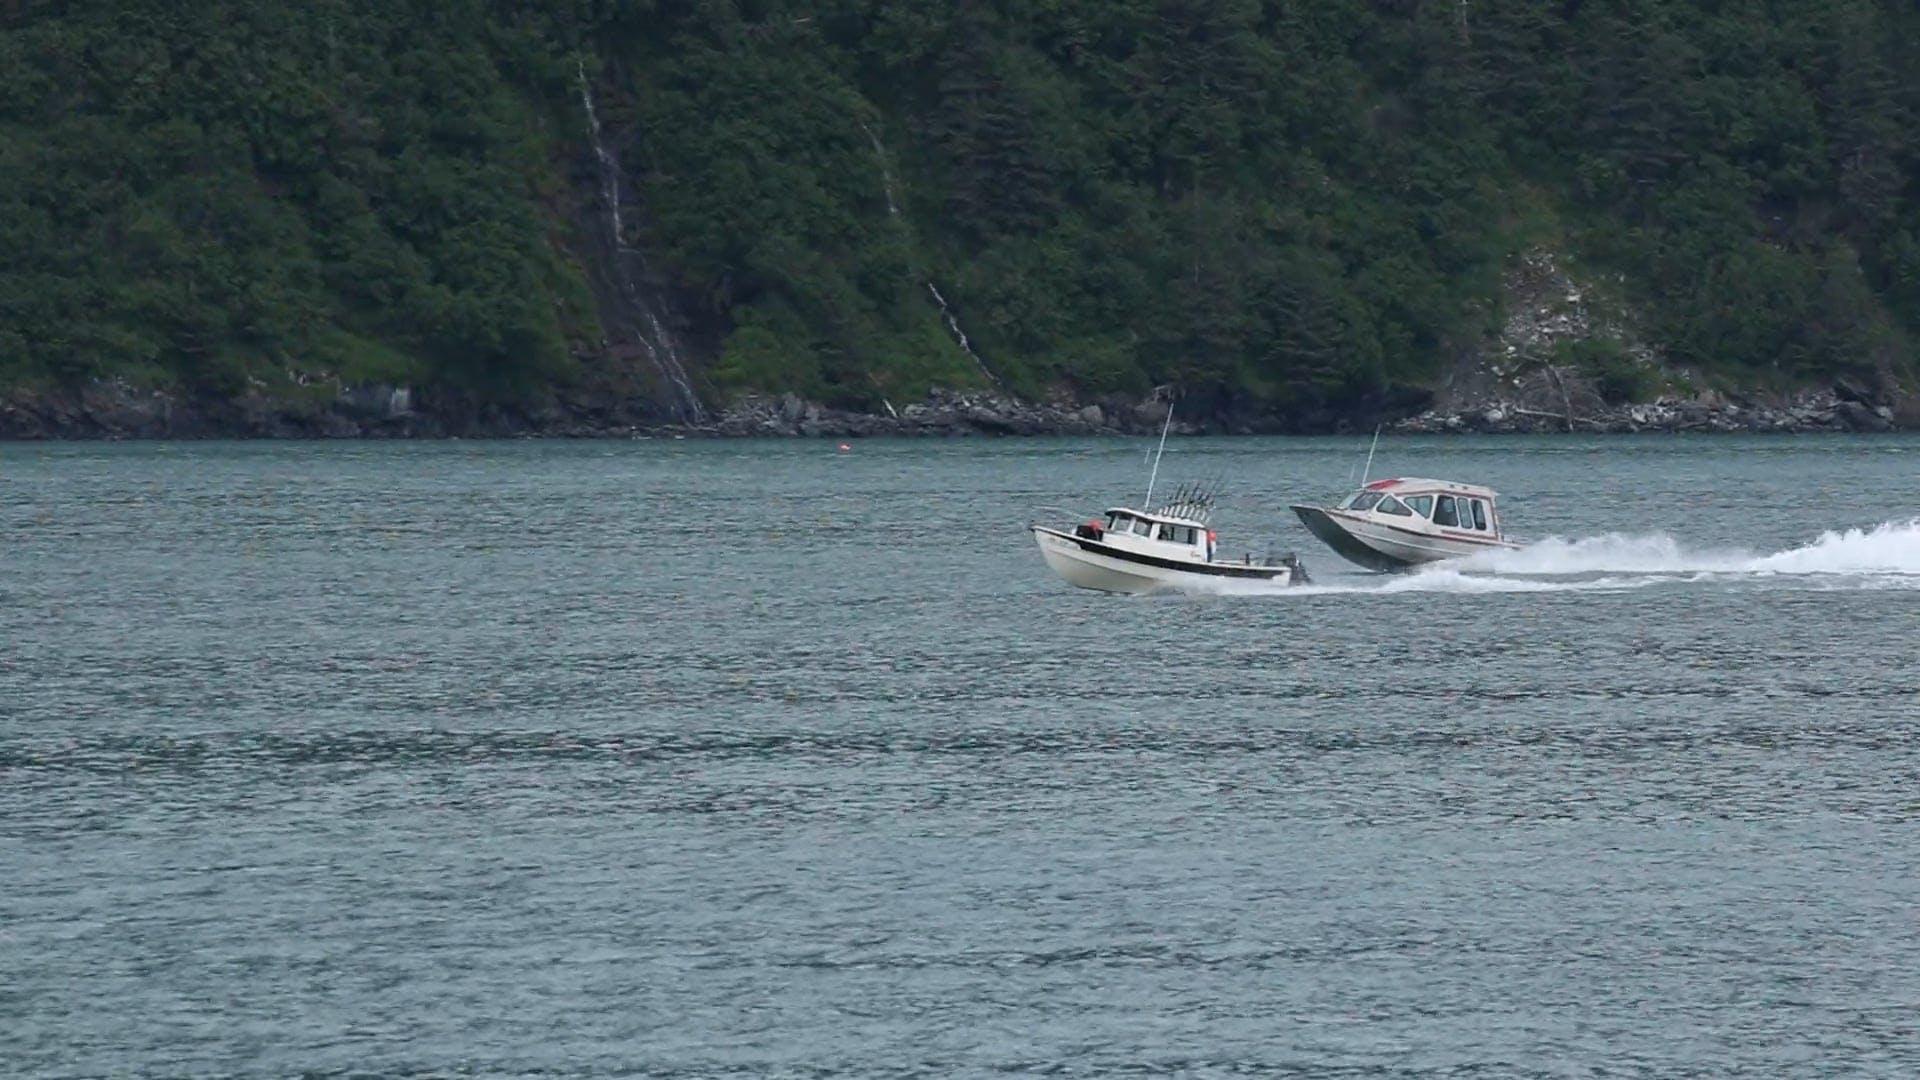 Two Speedboats Racing